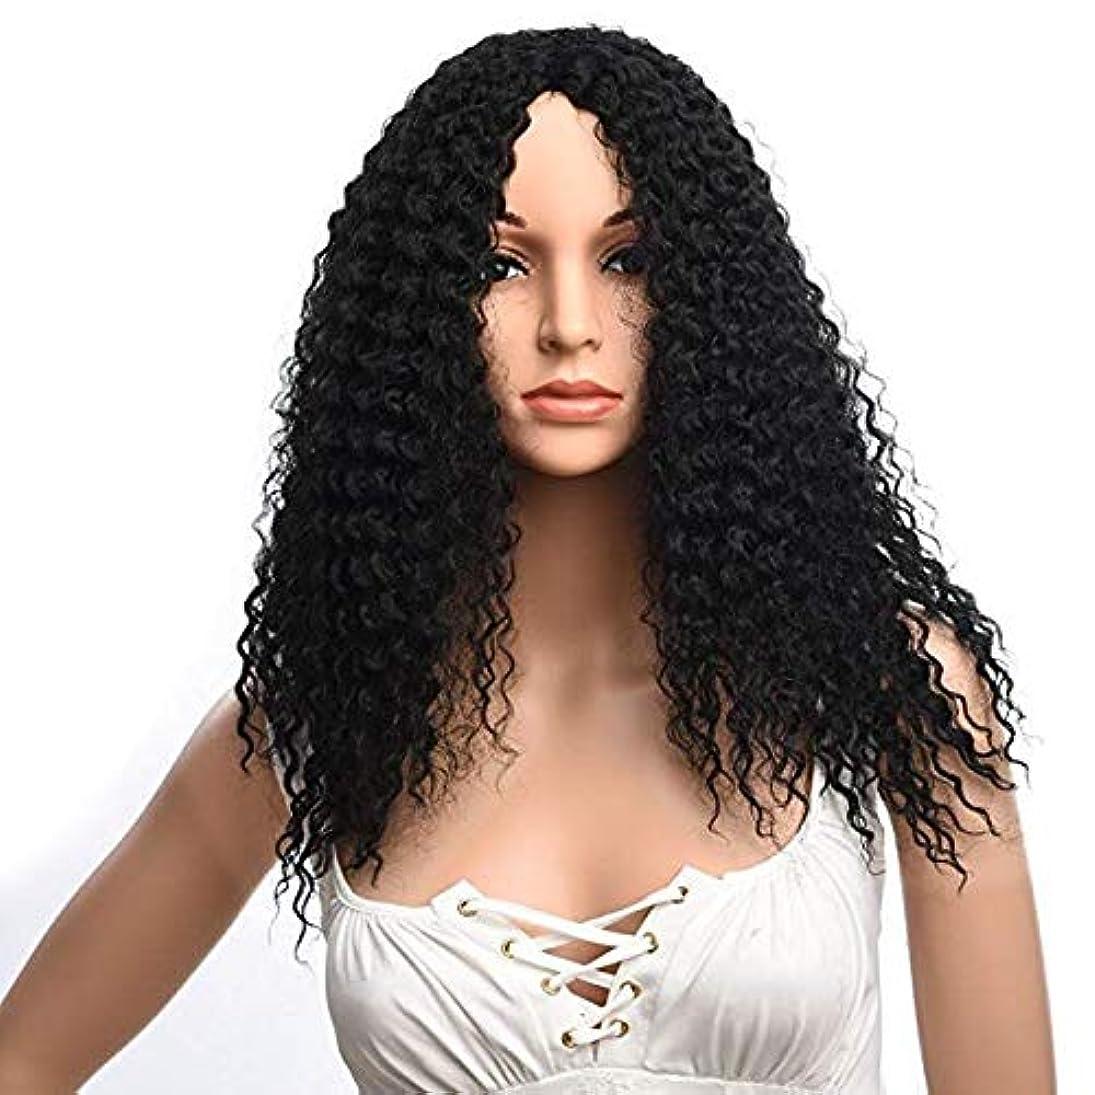 女性の肩短い髪ふわふわ高温シルクファッションかつら